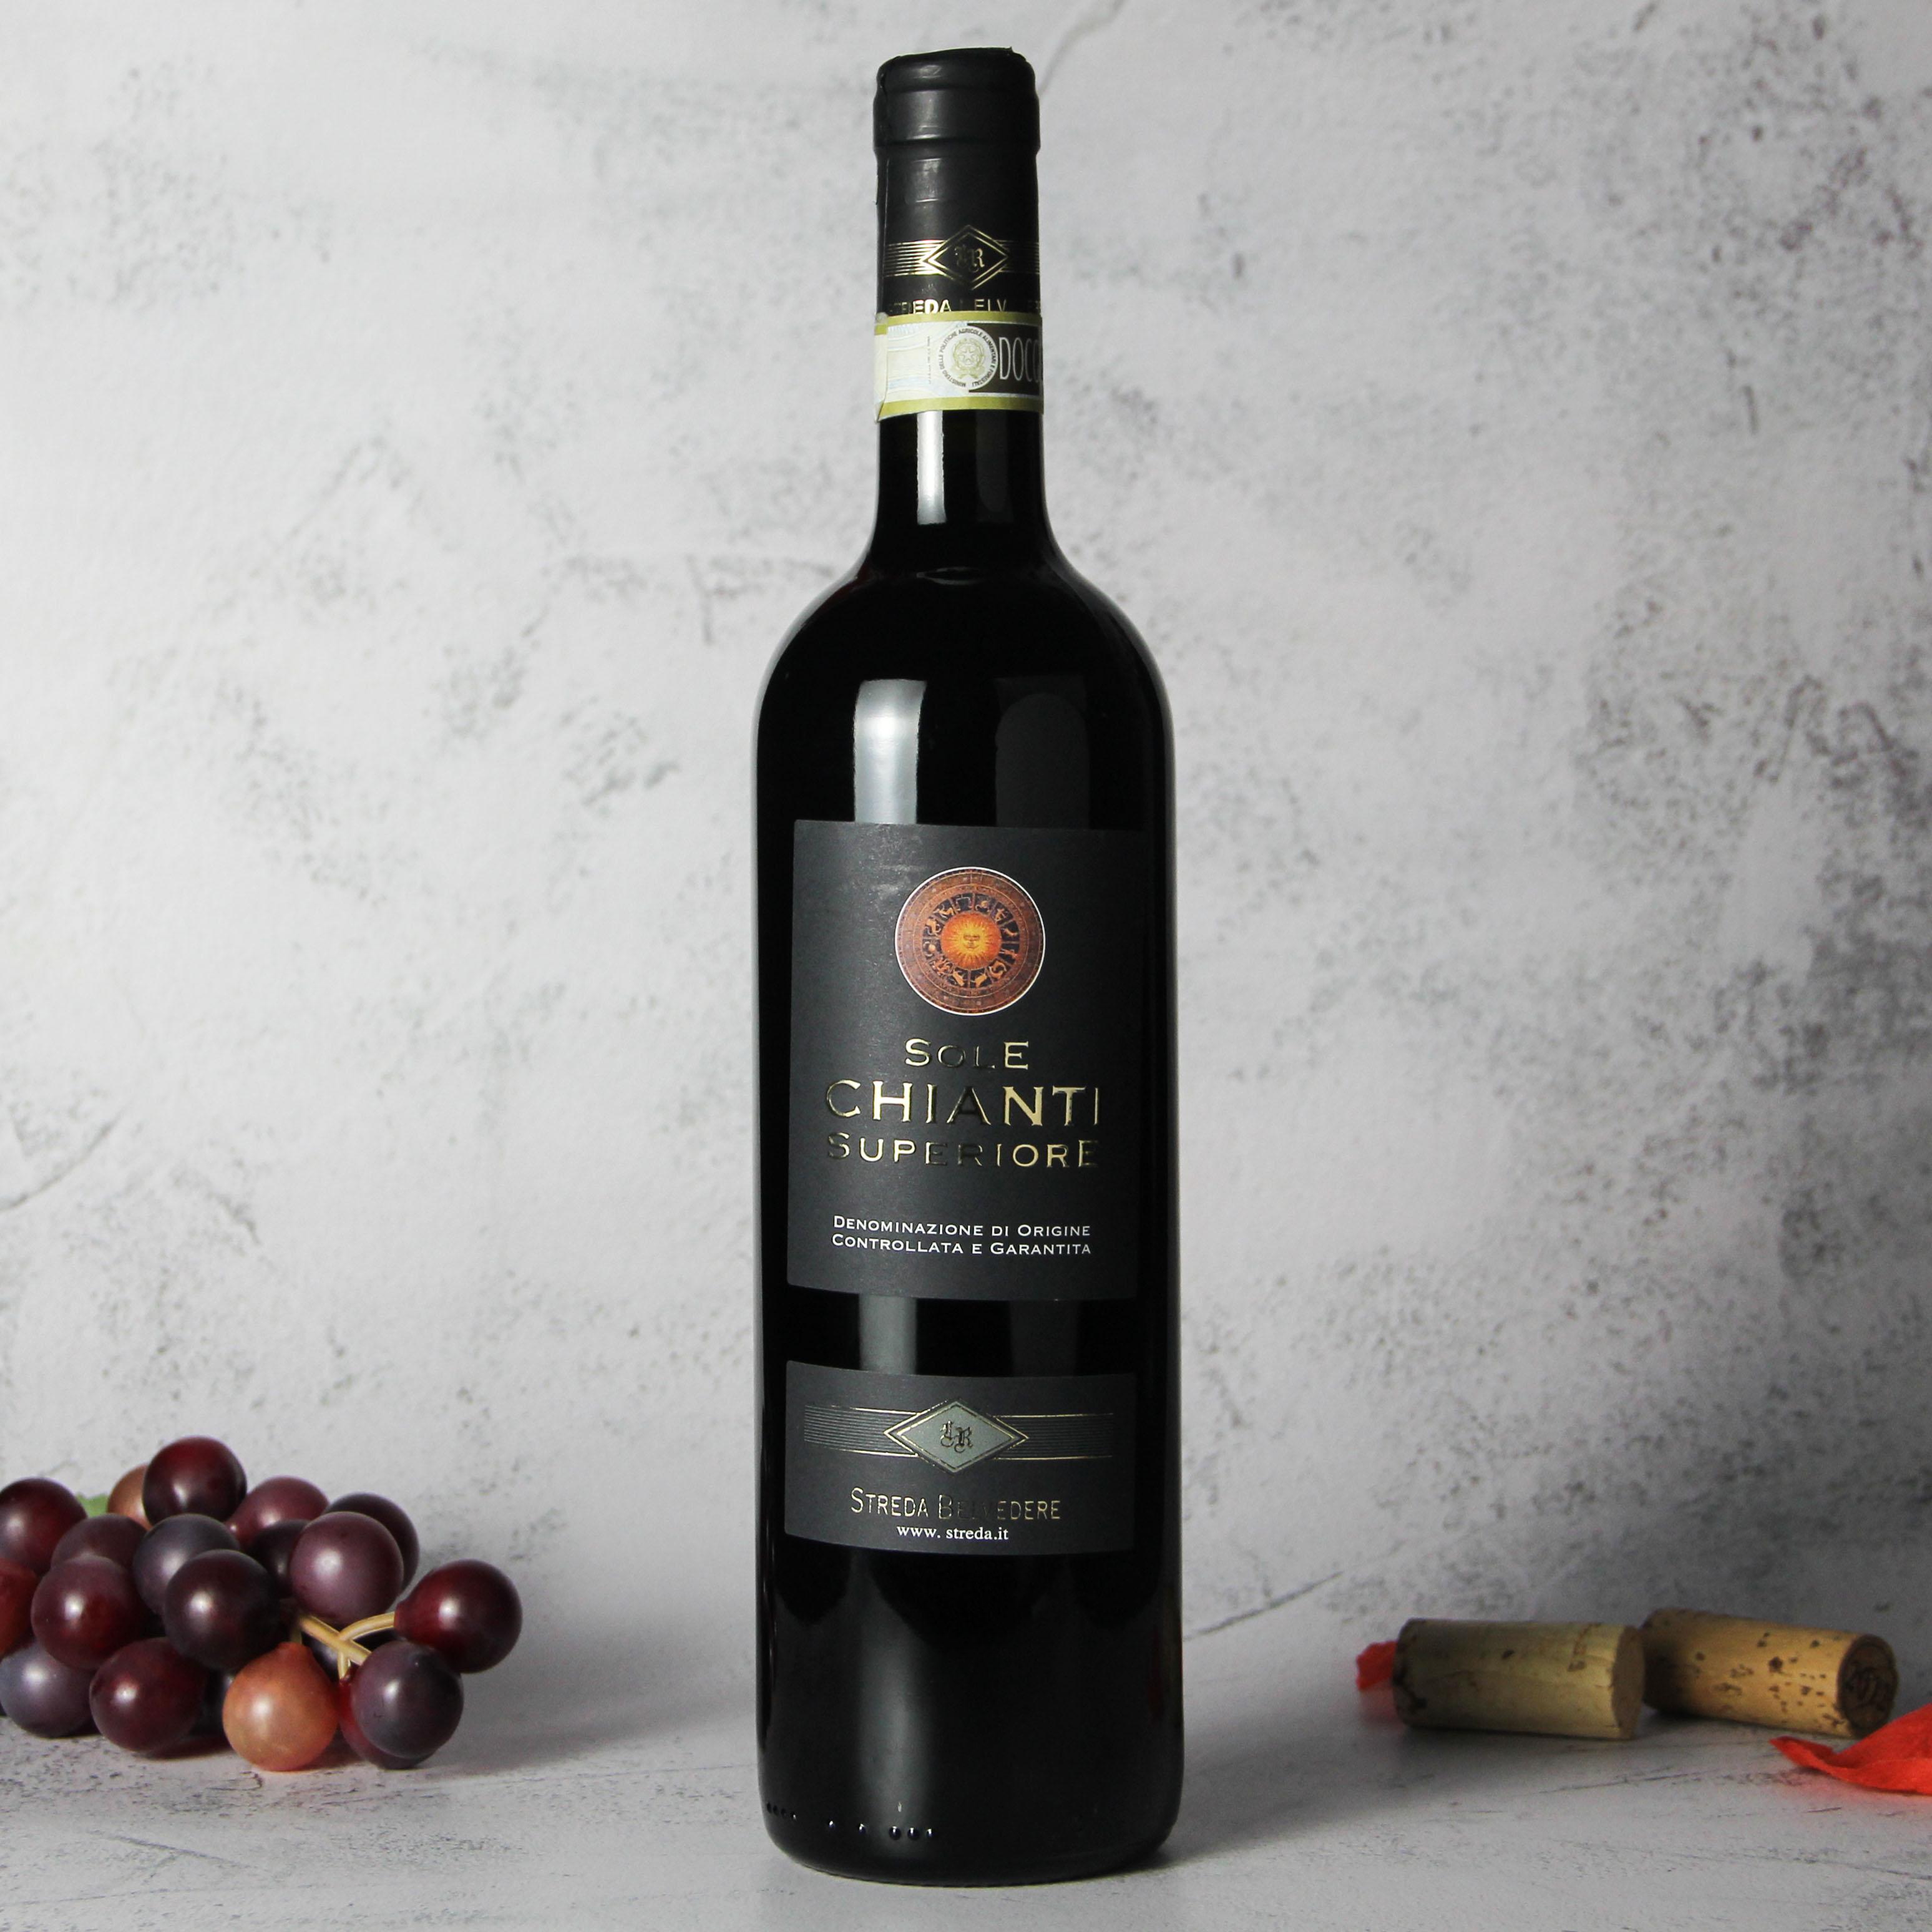 意大利托斯卡纳珍藏奇安蒂干红葡萄酒红酒